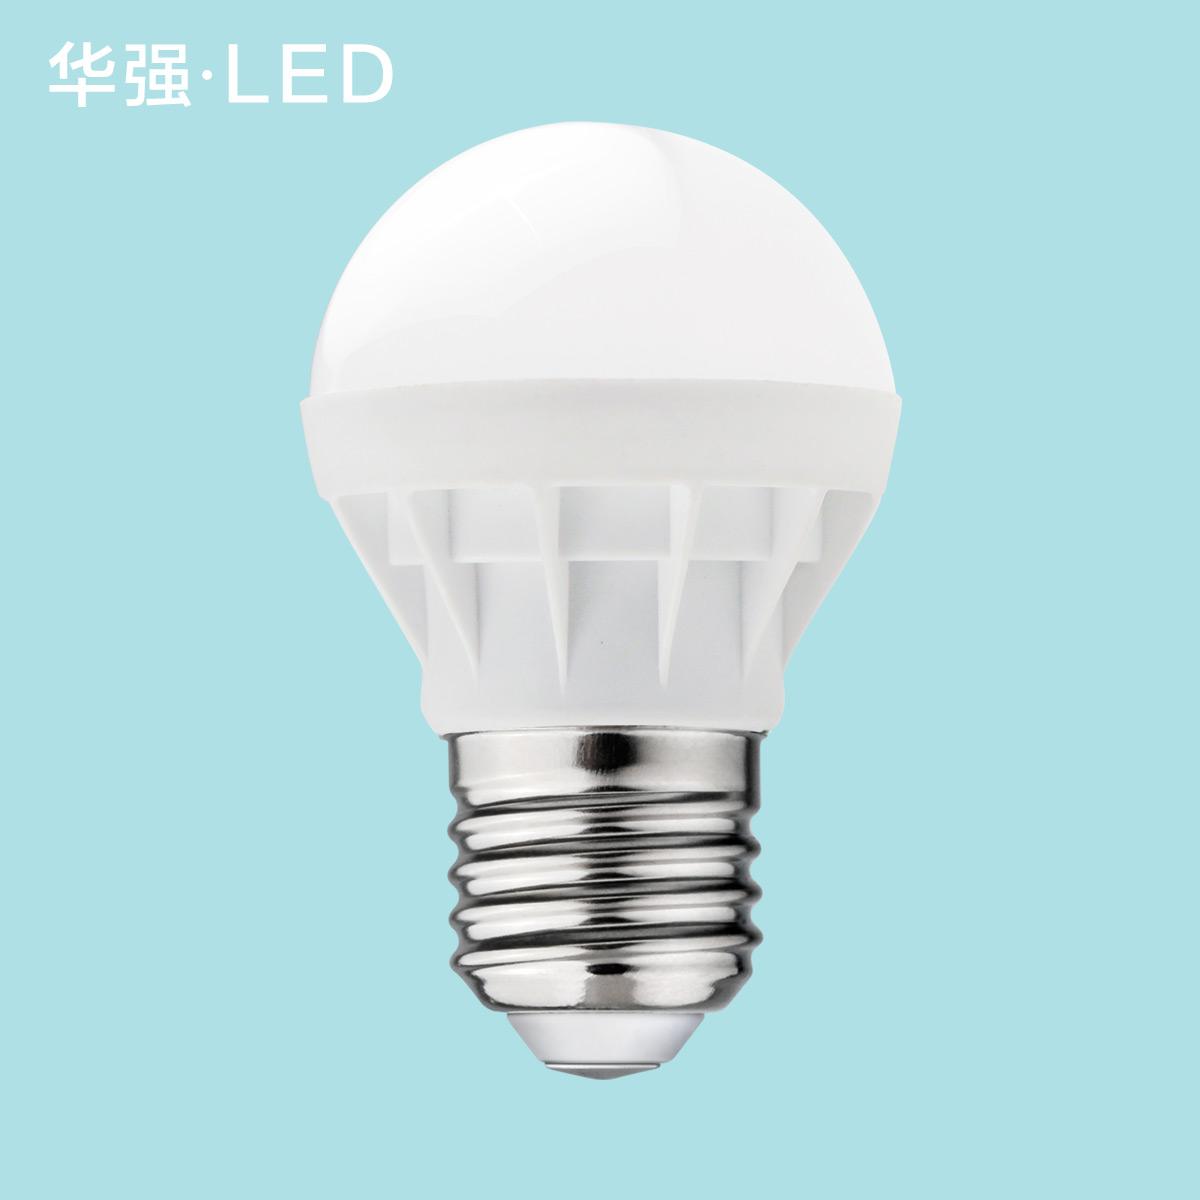 華強 E27螺口led燈泡室內照明3W超亮節能燈黃光暖白單燈 L